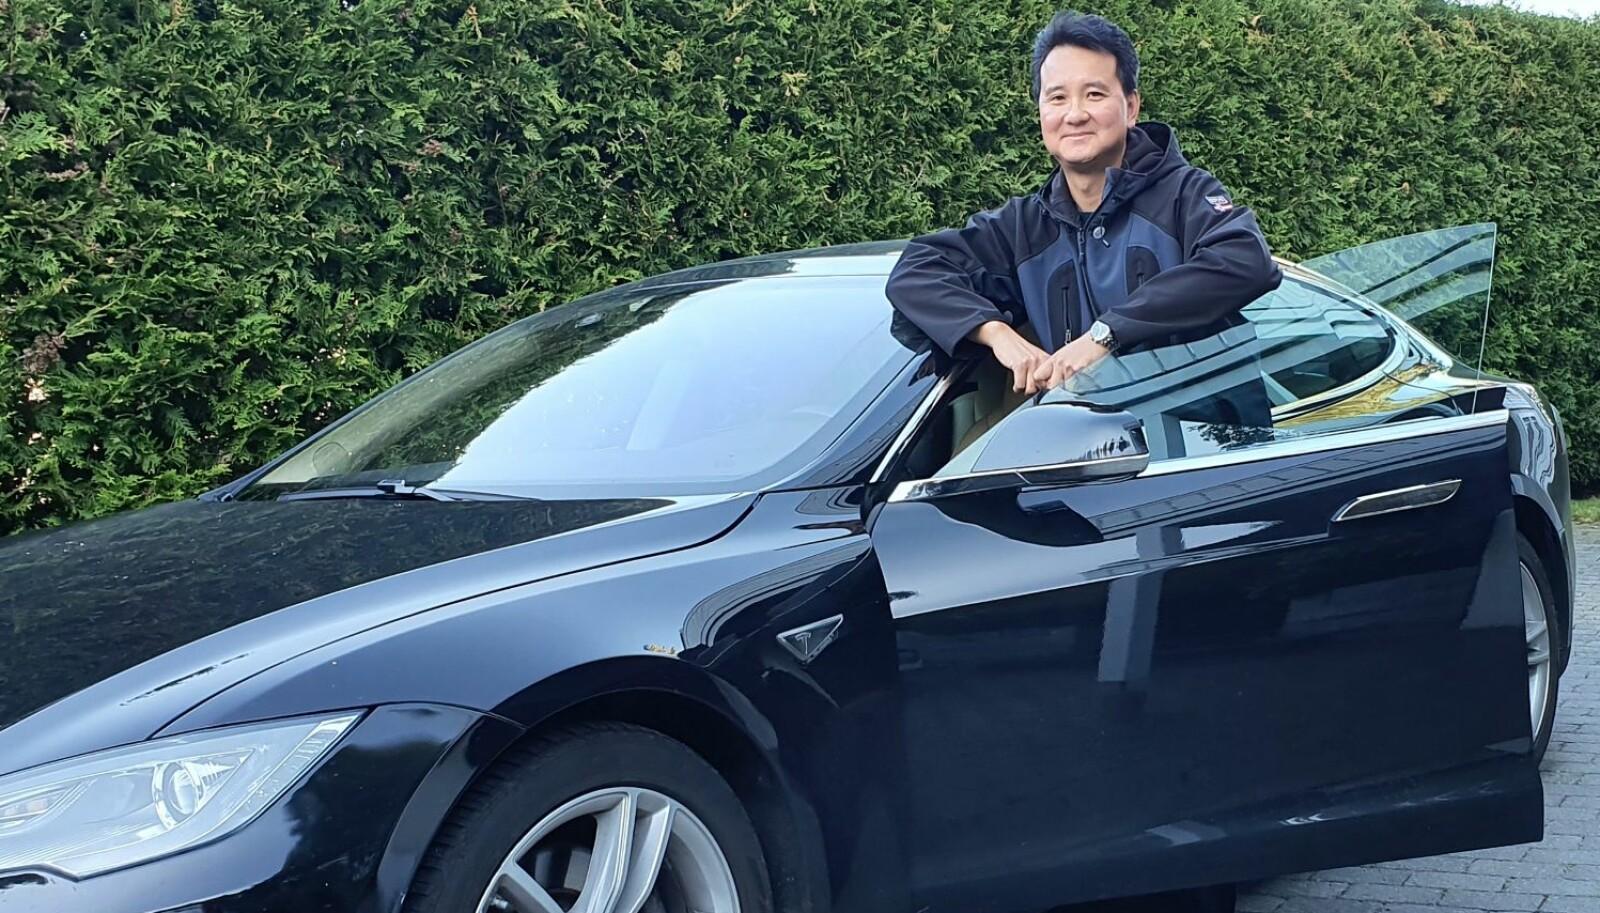 <b>EN FET BIL:</b> Ikke alle velger Tesla for å redde verden, tror Khai Nguyen. Men for hans egen del var utslippsfritt avgjørende.